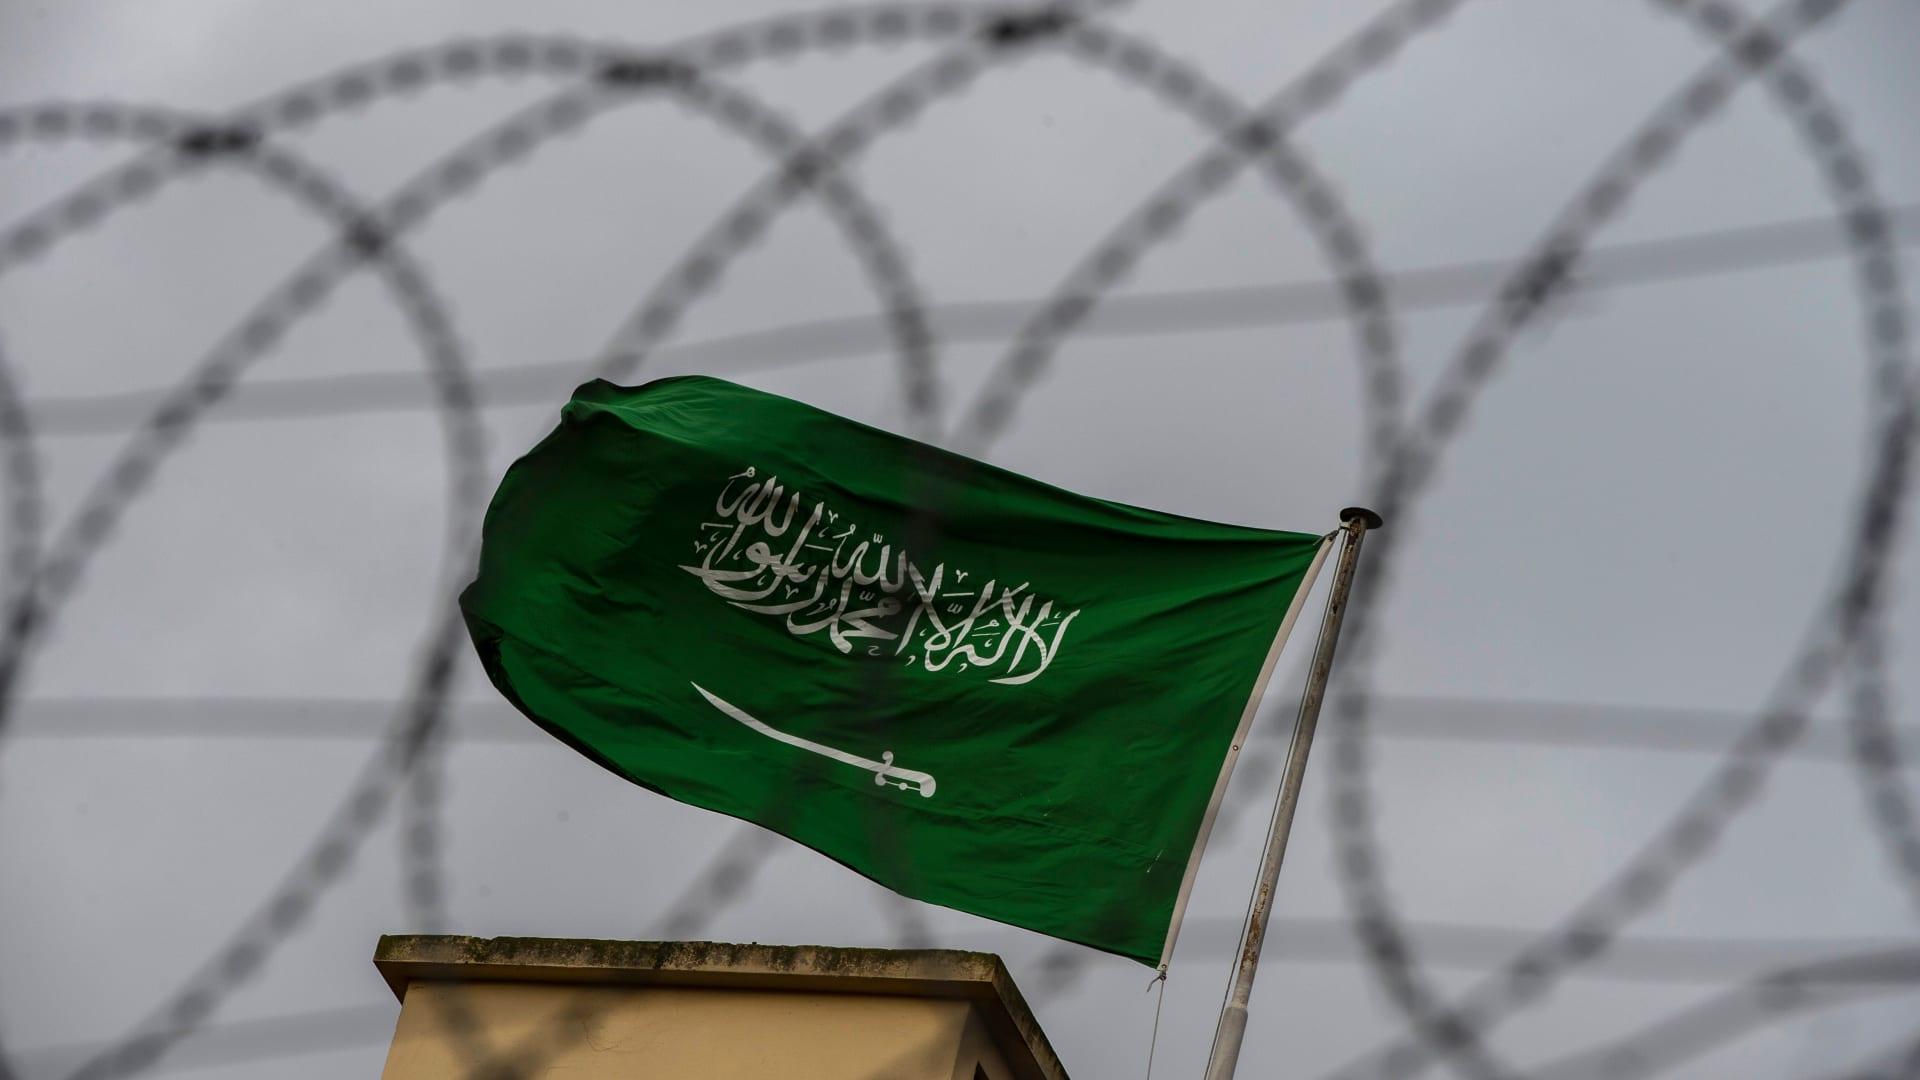 """مديرية السجون السعودية تستعيد حسابها على تويتر: تعرض للاختراق ونشر تغريدات """"غير صحيحة"""""""